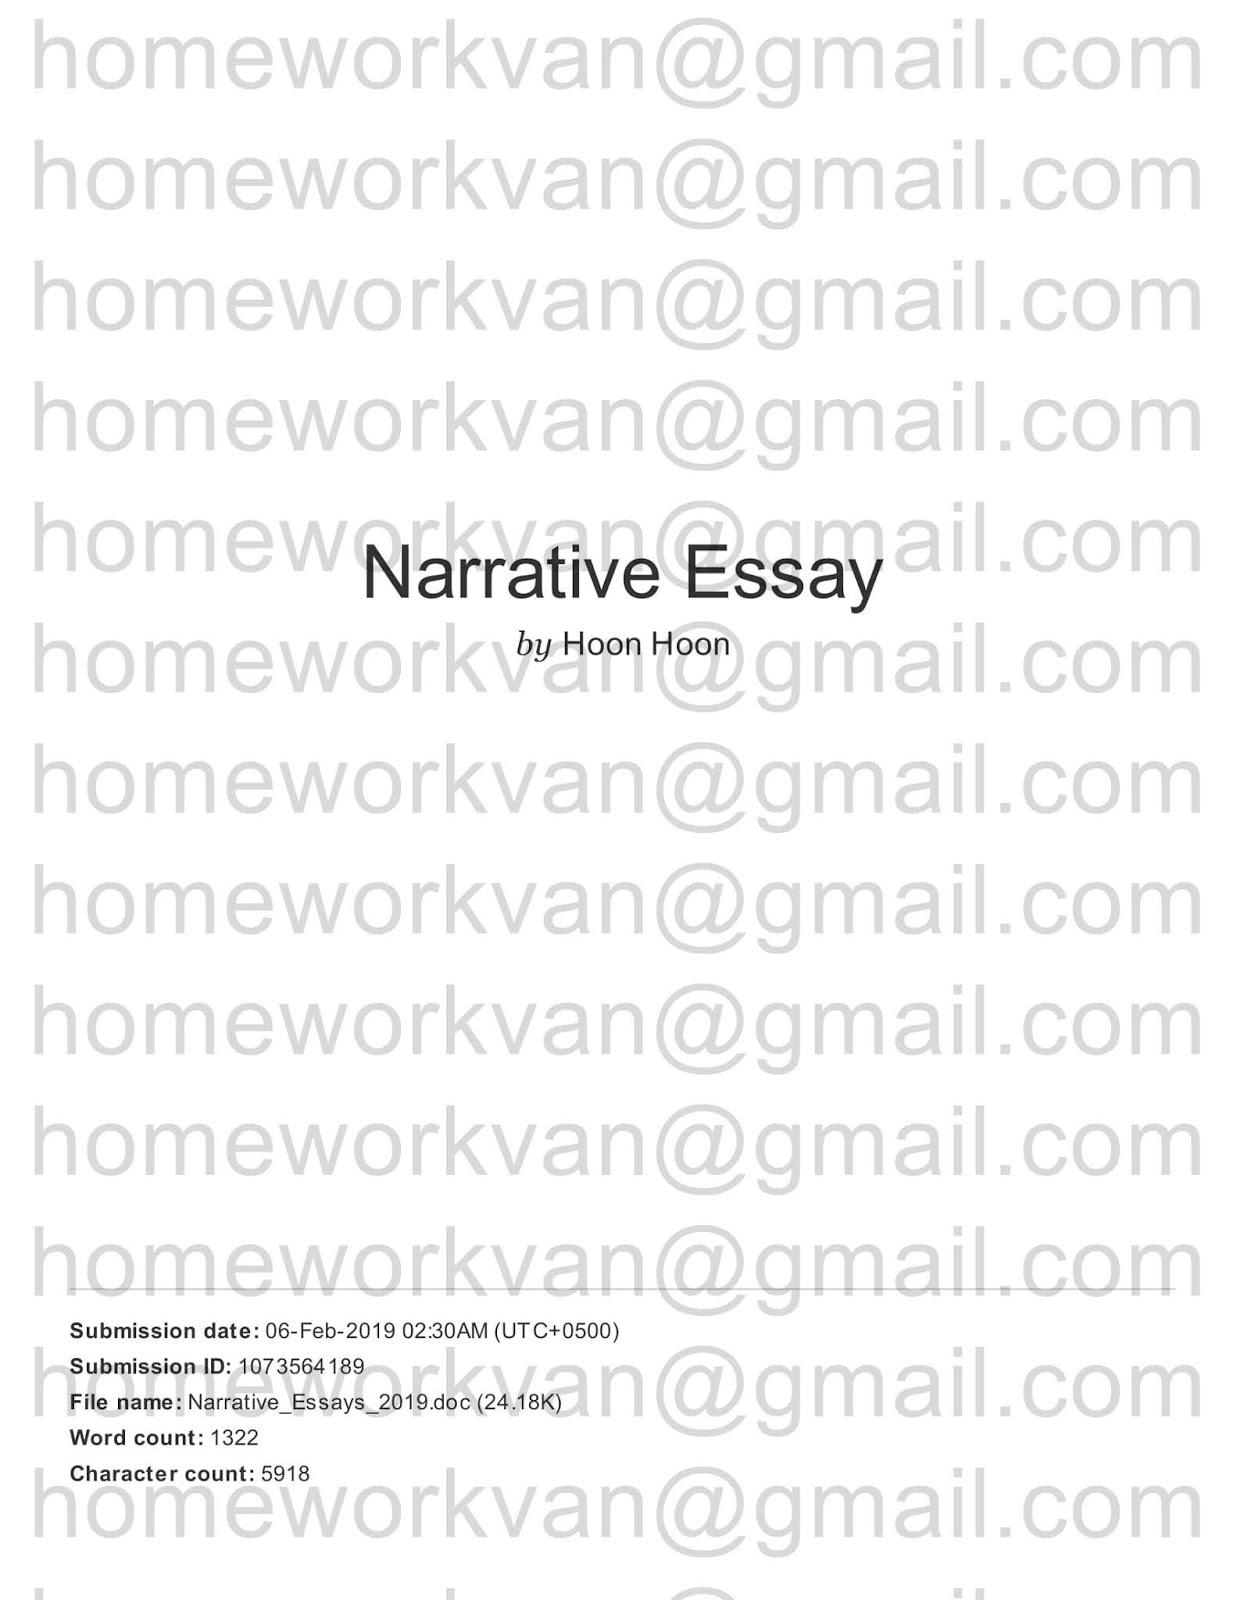 homeworkvan official blog 대학교영어 과제 전문 컨설팅: 내러티브 에세이 샘플